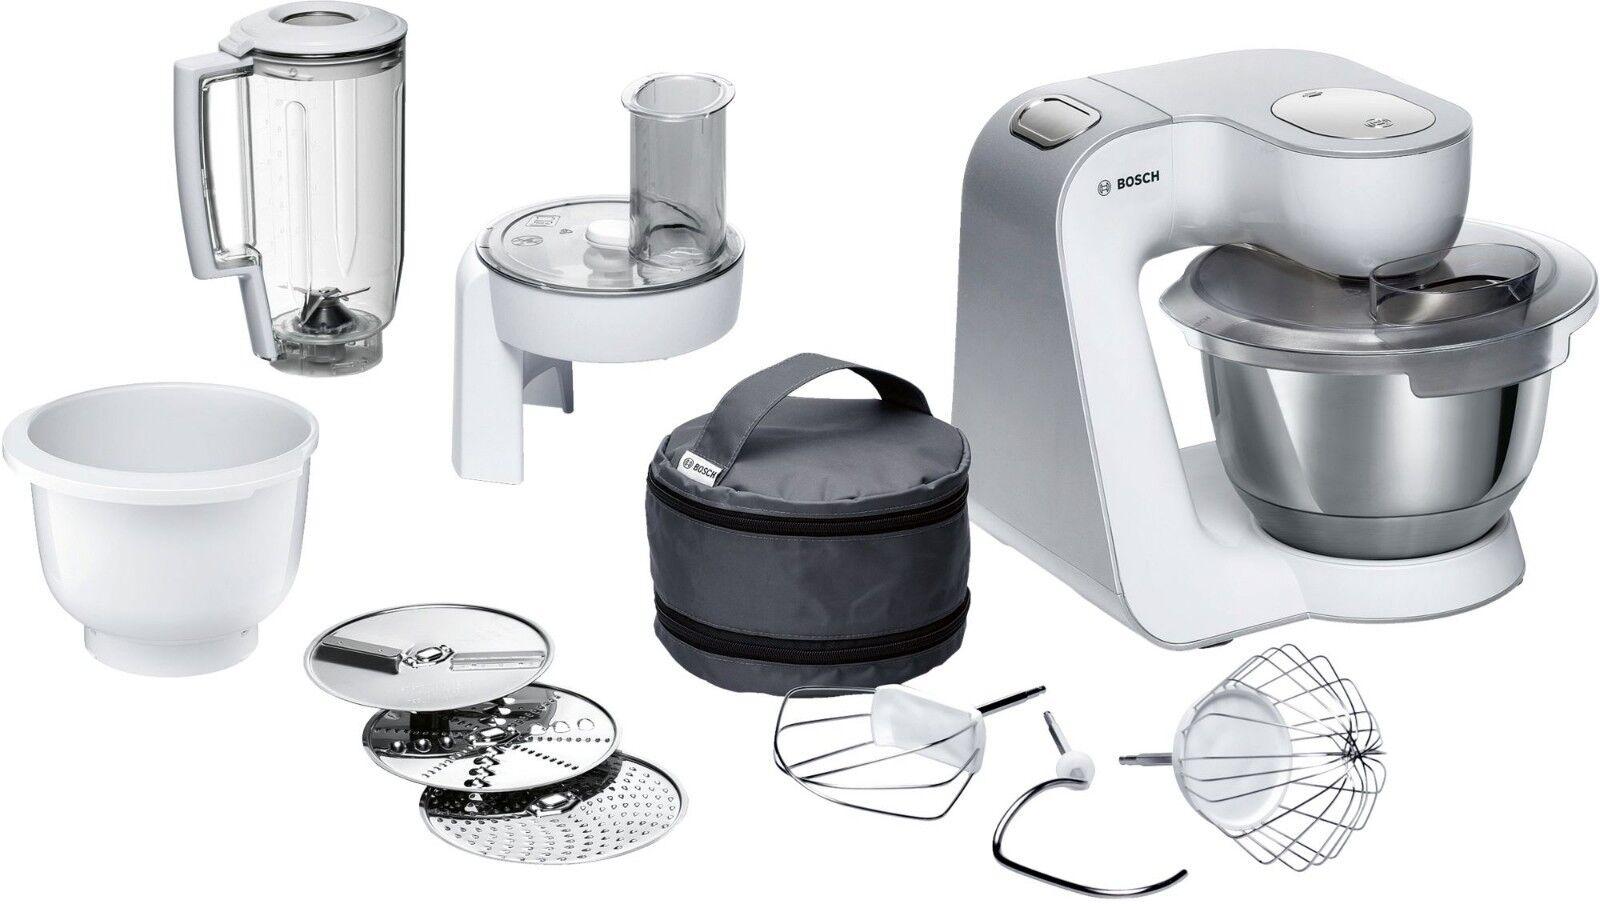 Bosch Universal-Küchenmaschine MUM58234 NEU OVP